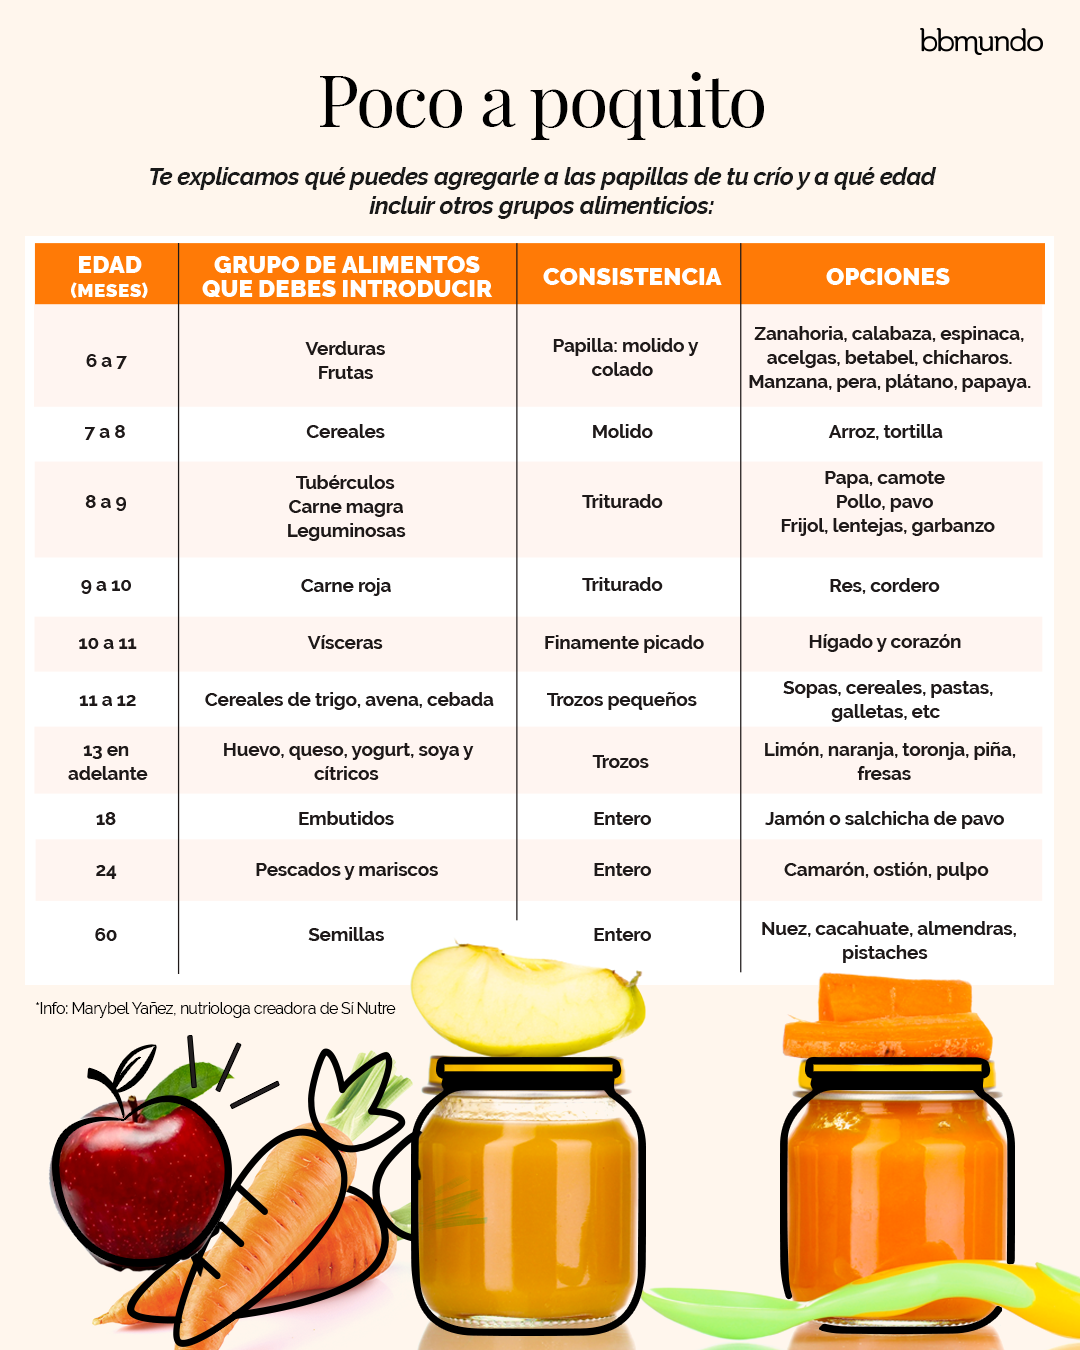 Si Ya No Sabes De Que Prepararle Papillas A Tu Bebe Aqui Te Damos Una Lista De Ingredientes Como Fruta Comida Bebe 6 Meses Alimentacion Bebe Comida Para Bebe